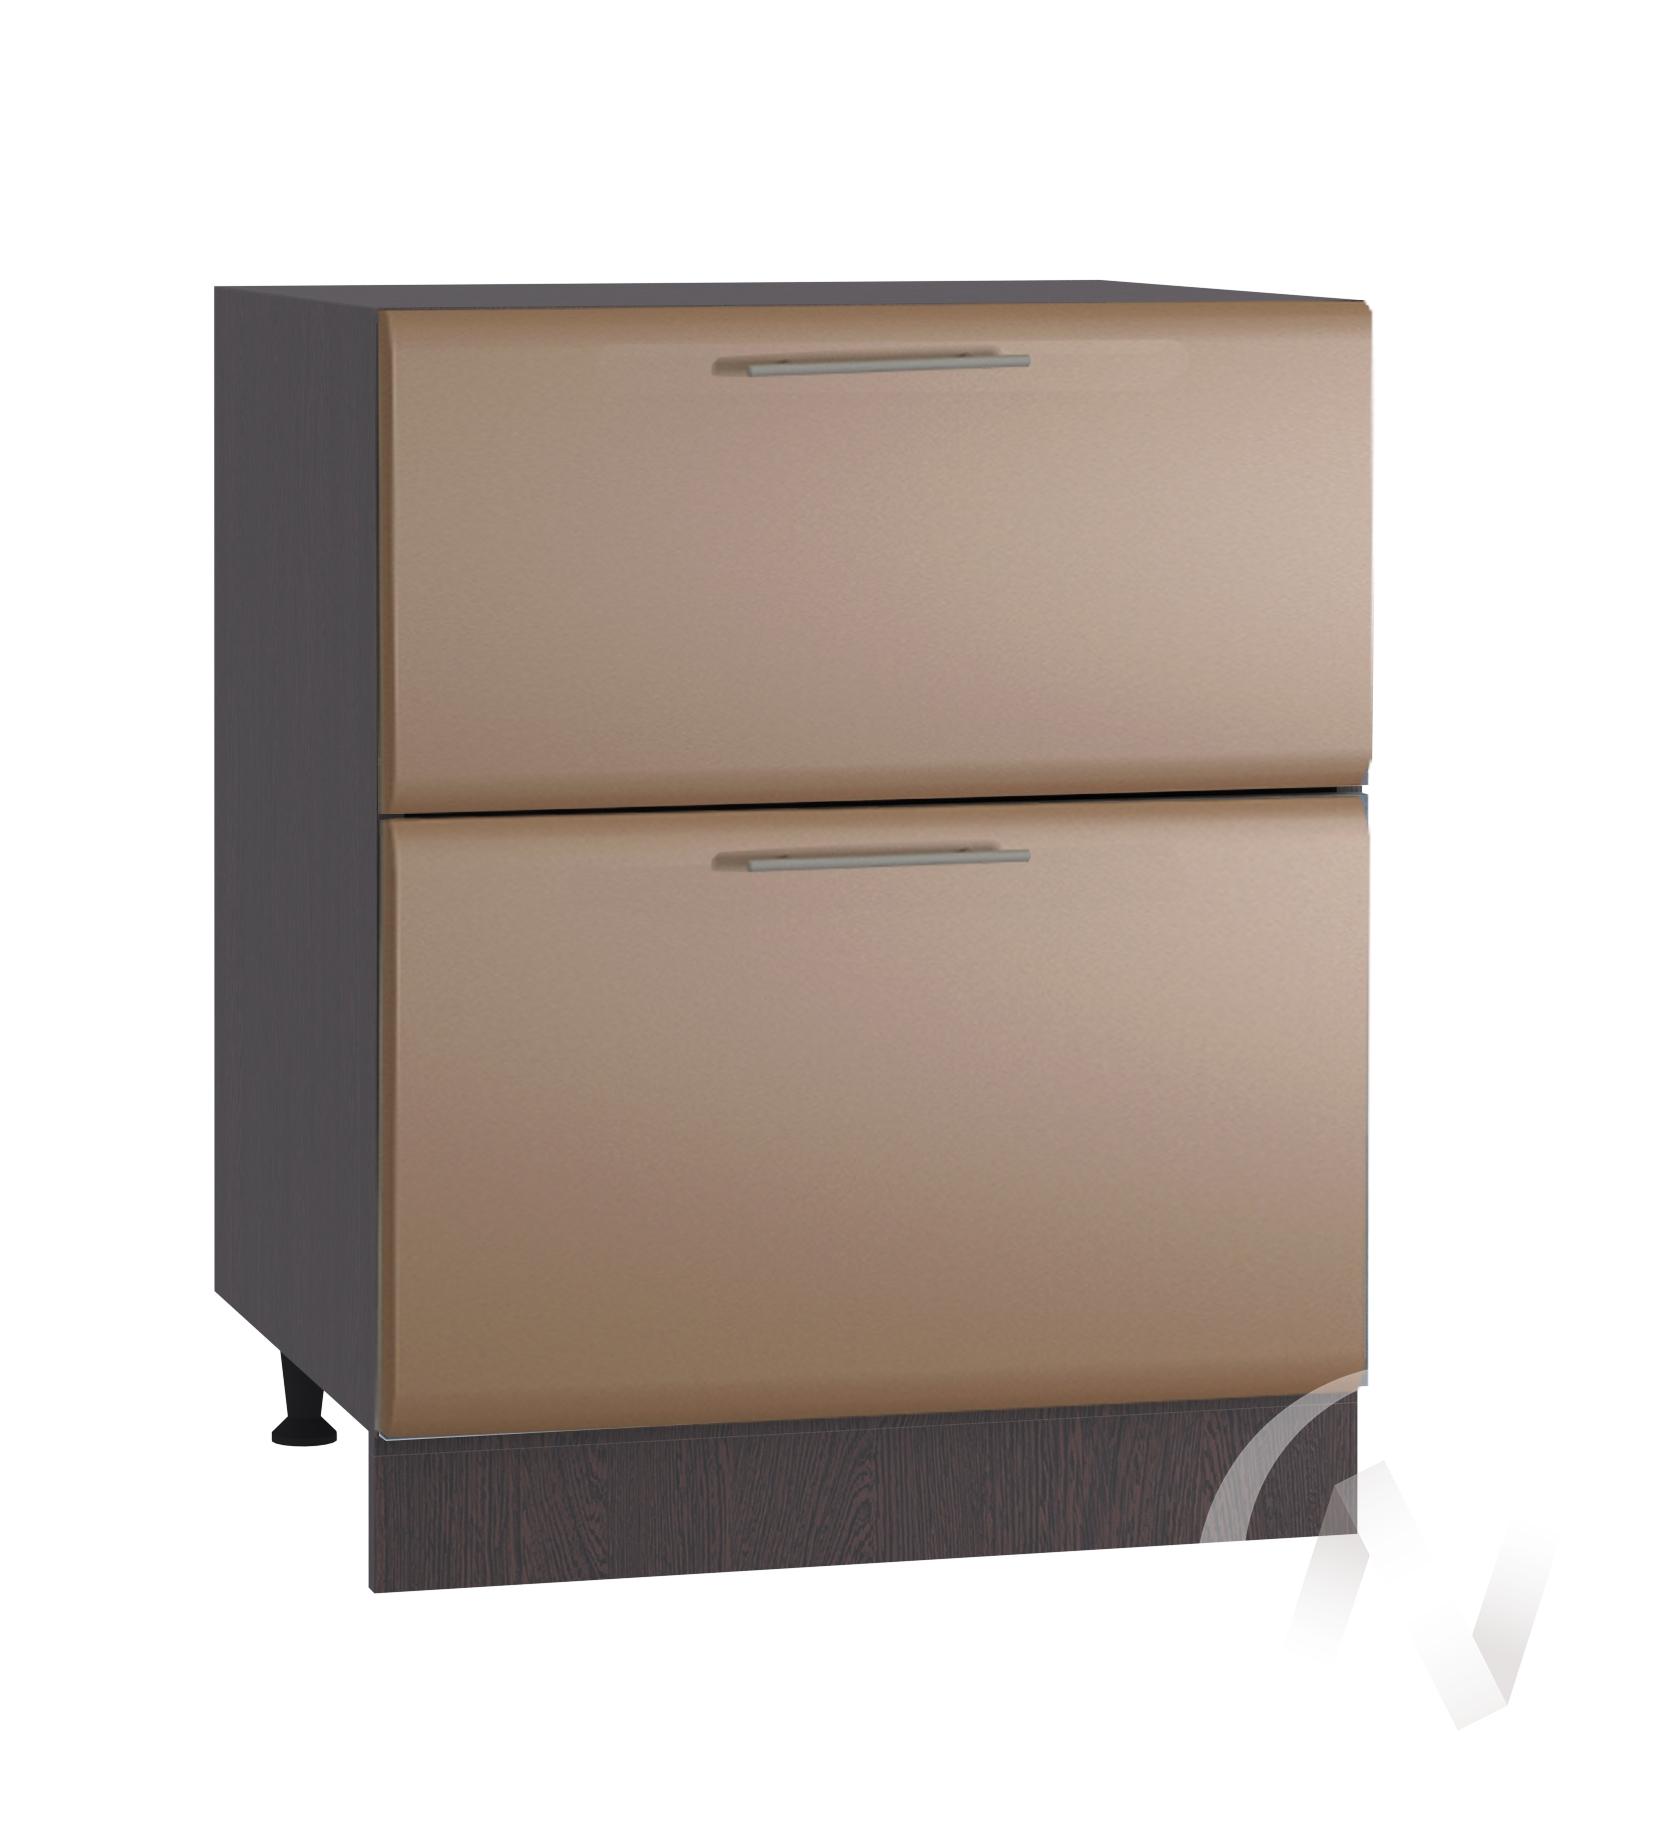 """Кухня """"Люкс"""": Шкаф нижний с 2-мя ящиками 600, ШН2Я 600 (Шоколад матовый/корпус венге)"""